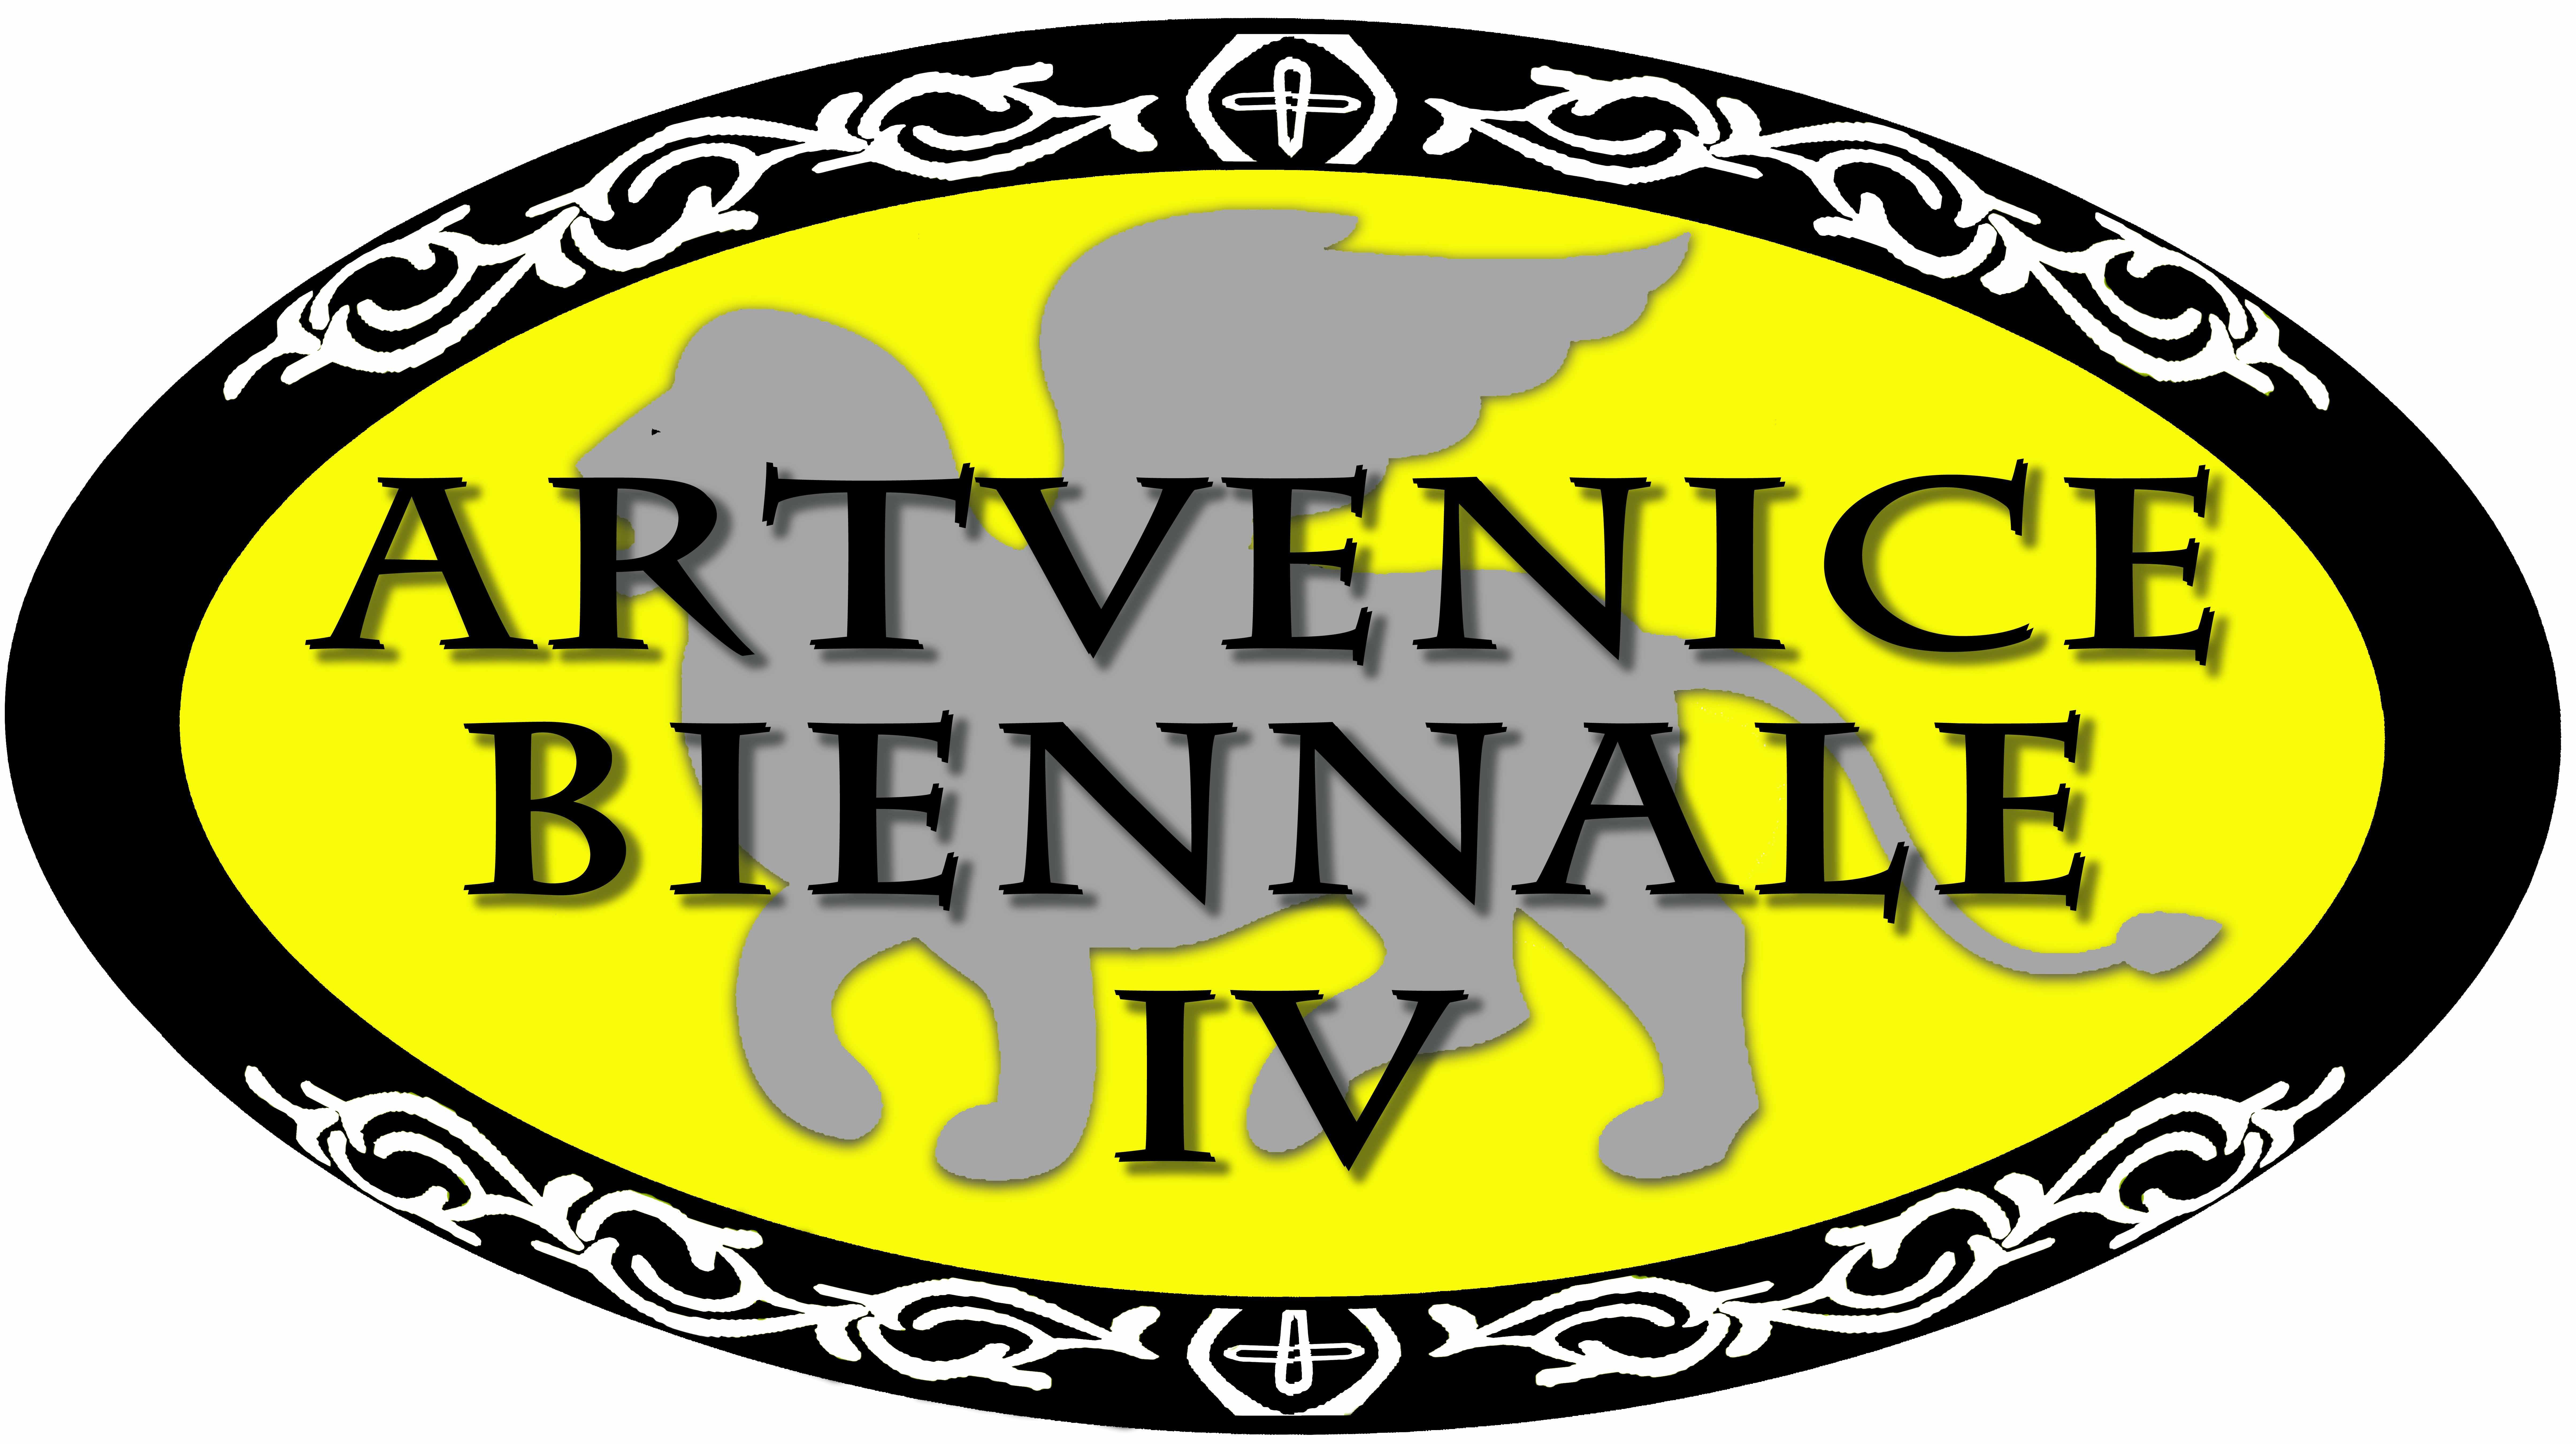 ArtVenice Biennale IV